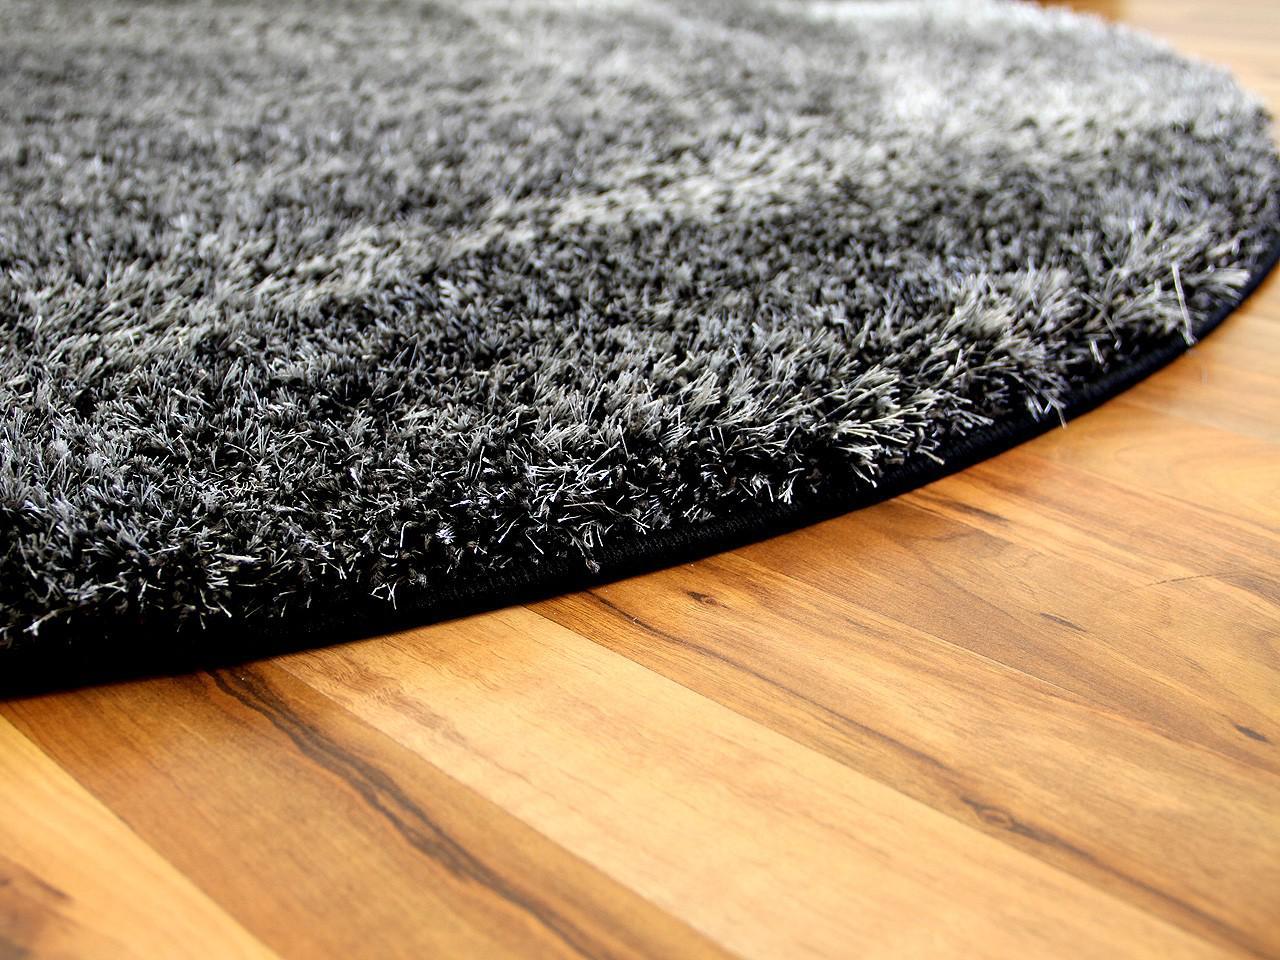 teppich rund hochflor hochflor teppich turkis hochflor teppich ta rkis shaggy teppich rund. Black Bedroom Furniture Sets. Home Design Ideas